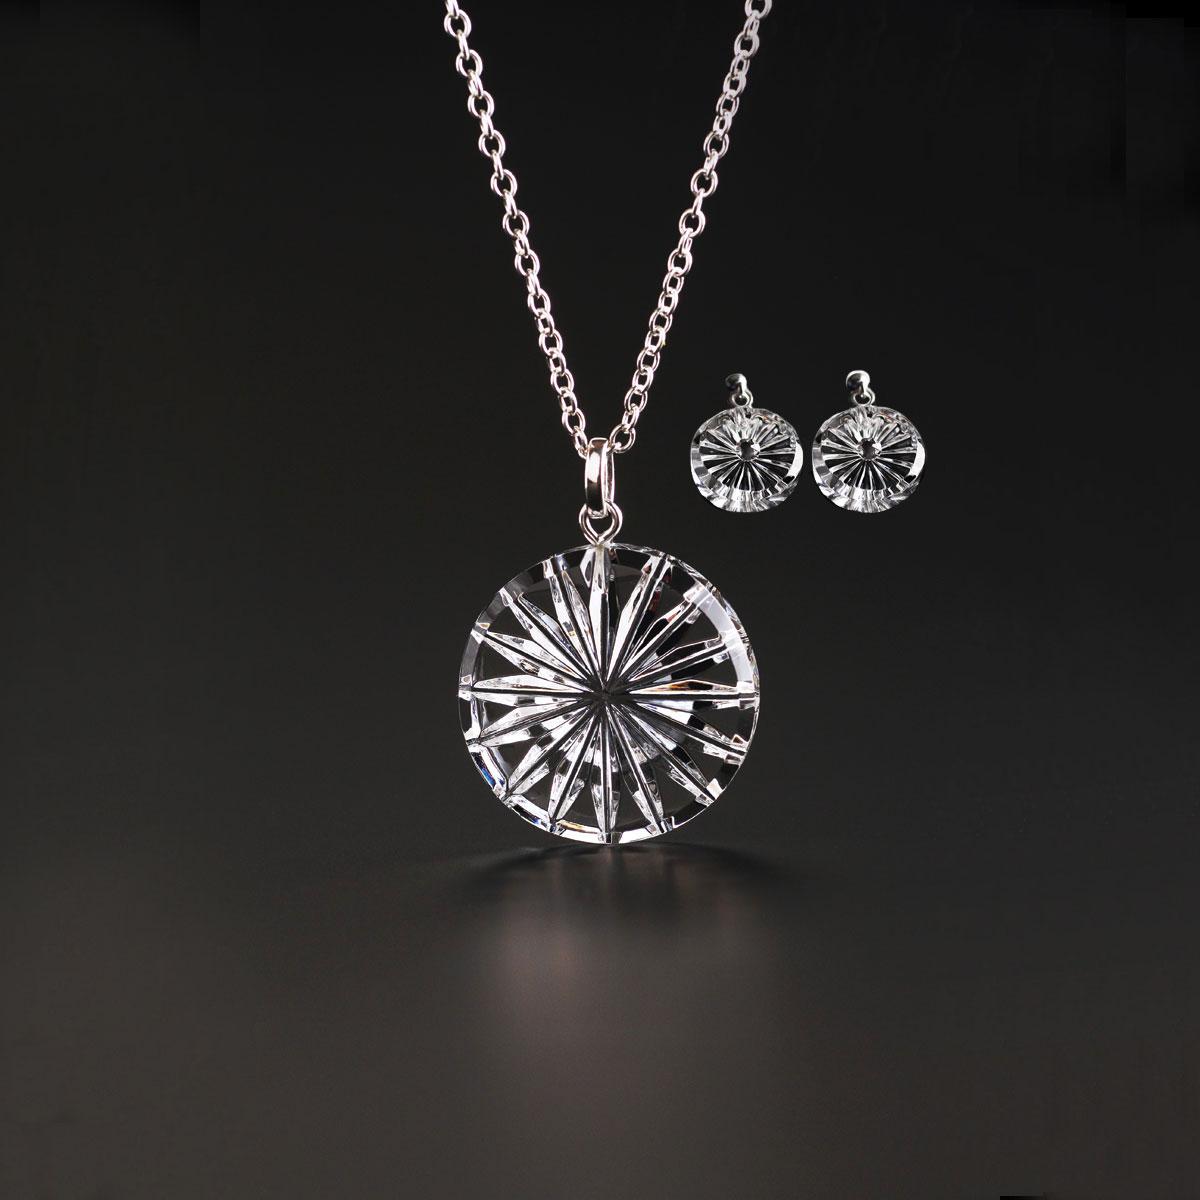 Cashs Ireland, Newgrange Circle Necklace and Earrings Gift Set